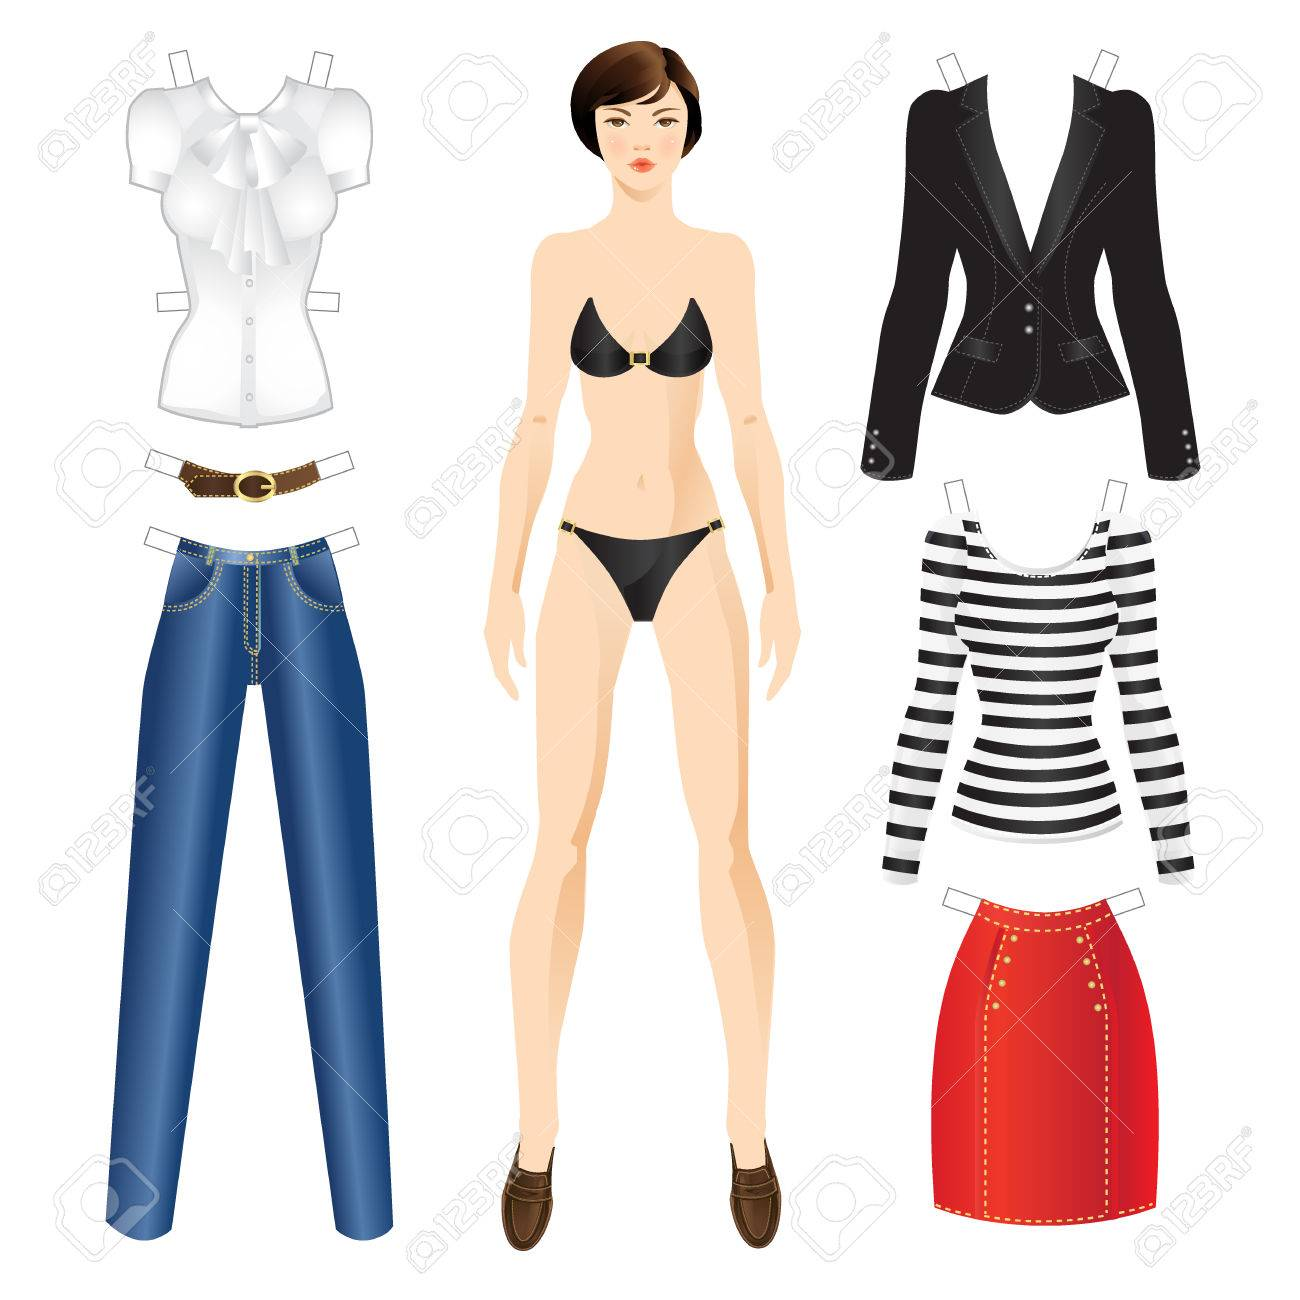 Puppe Mit Kleidung. Körper Vorlage. Set-Vorlage Papier Kleidung Für ...